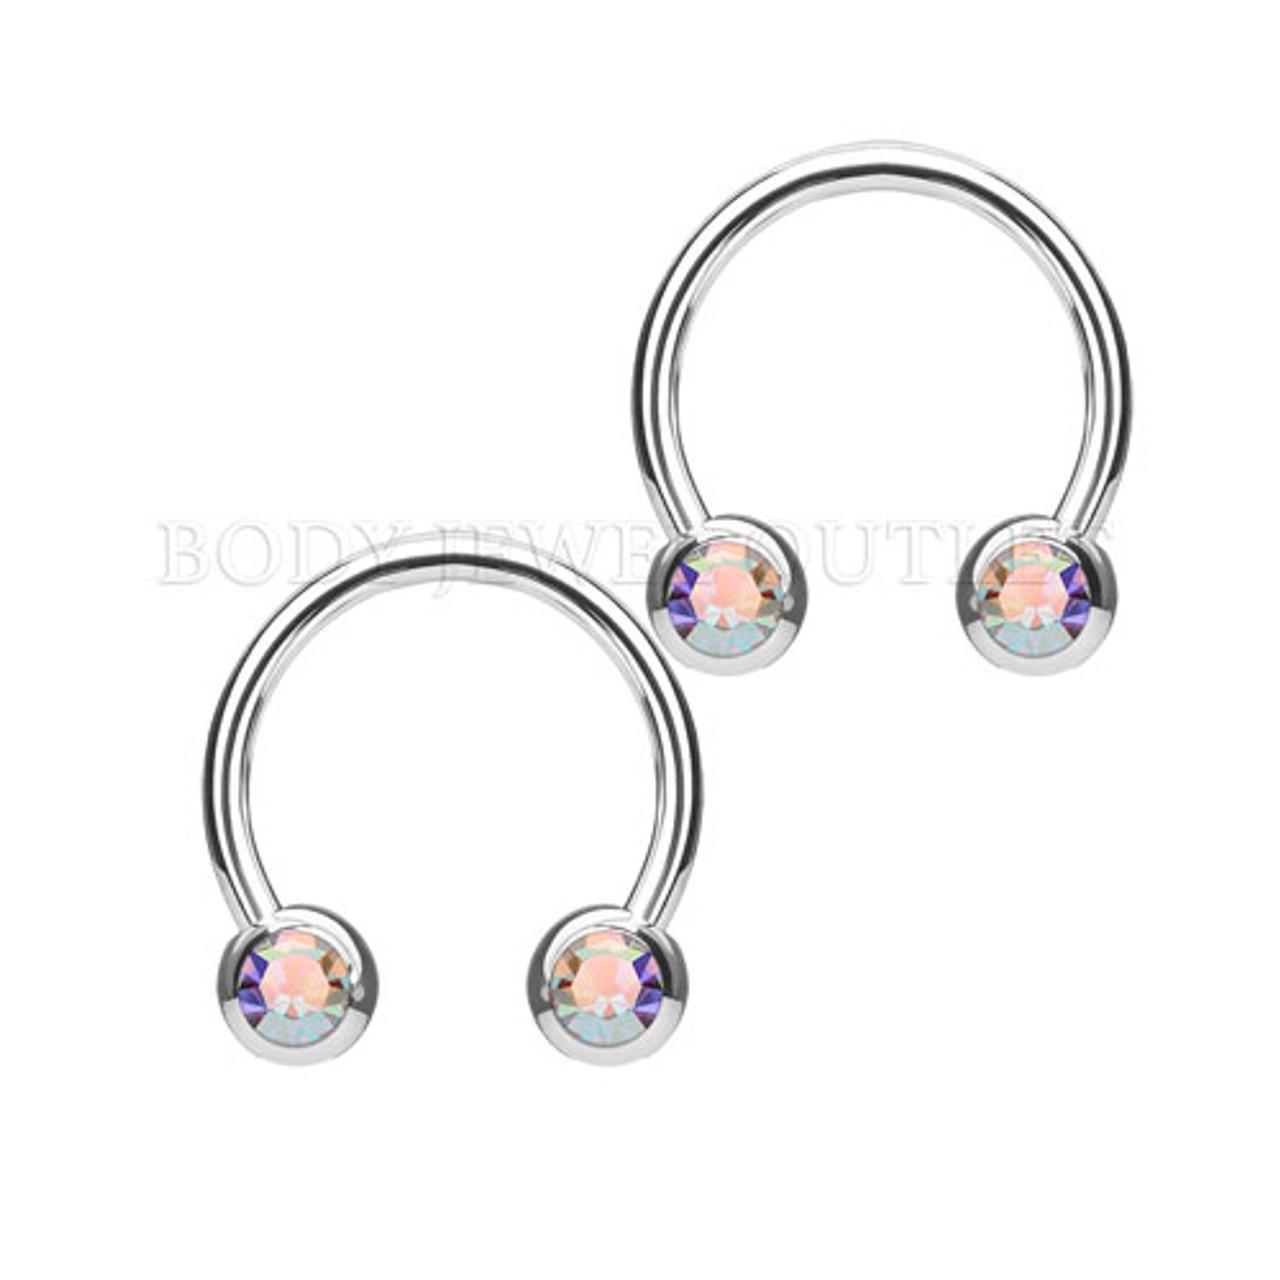 Nipple Piercing Surgical Steel Hoop AB Gem | BodyJewelOutlet